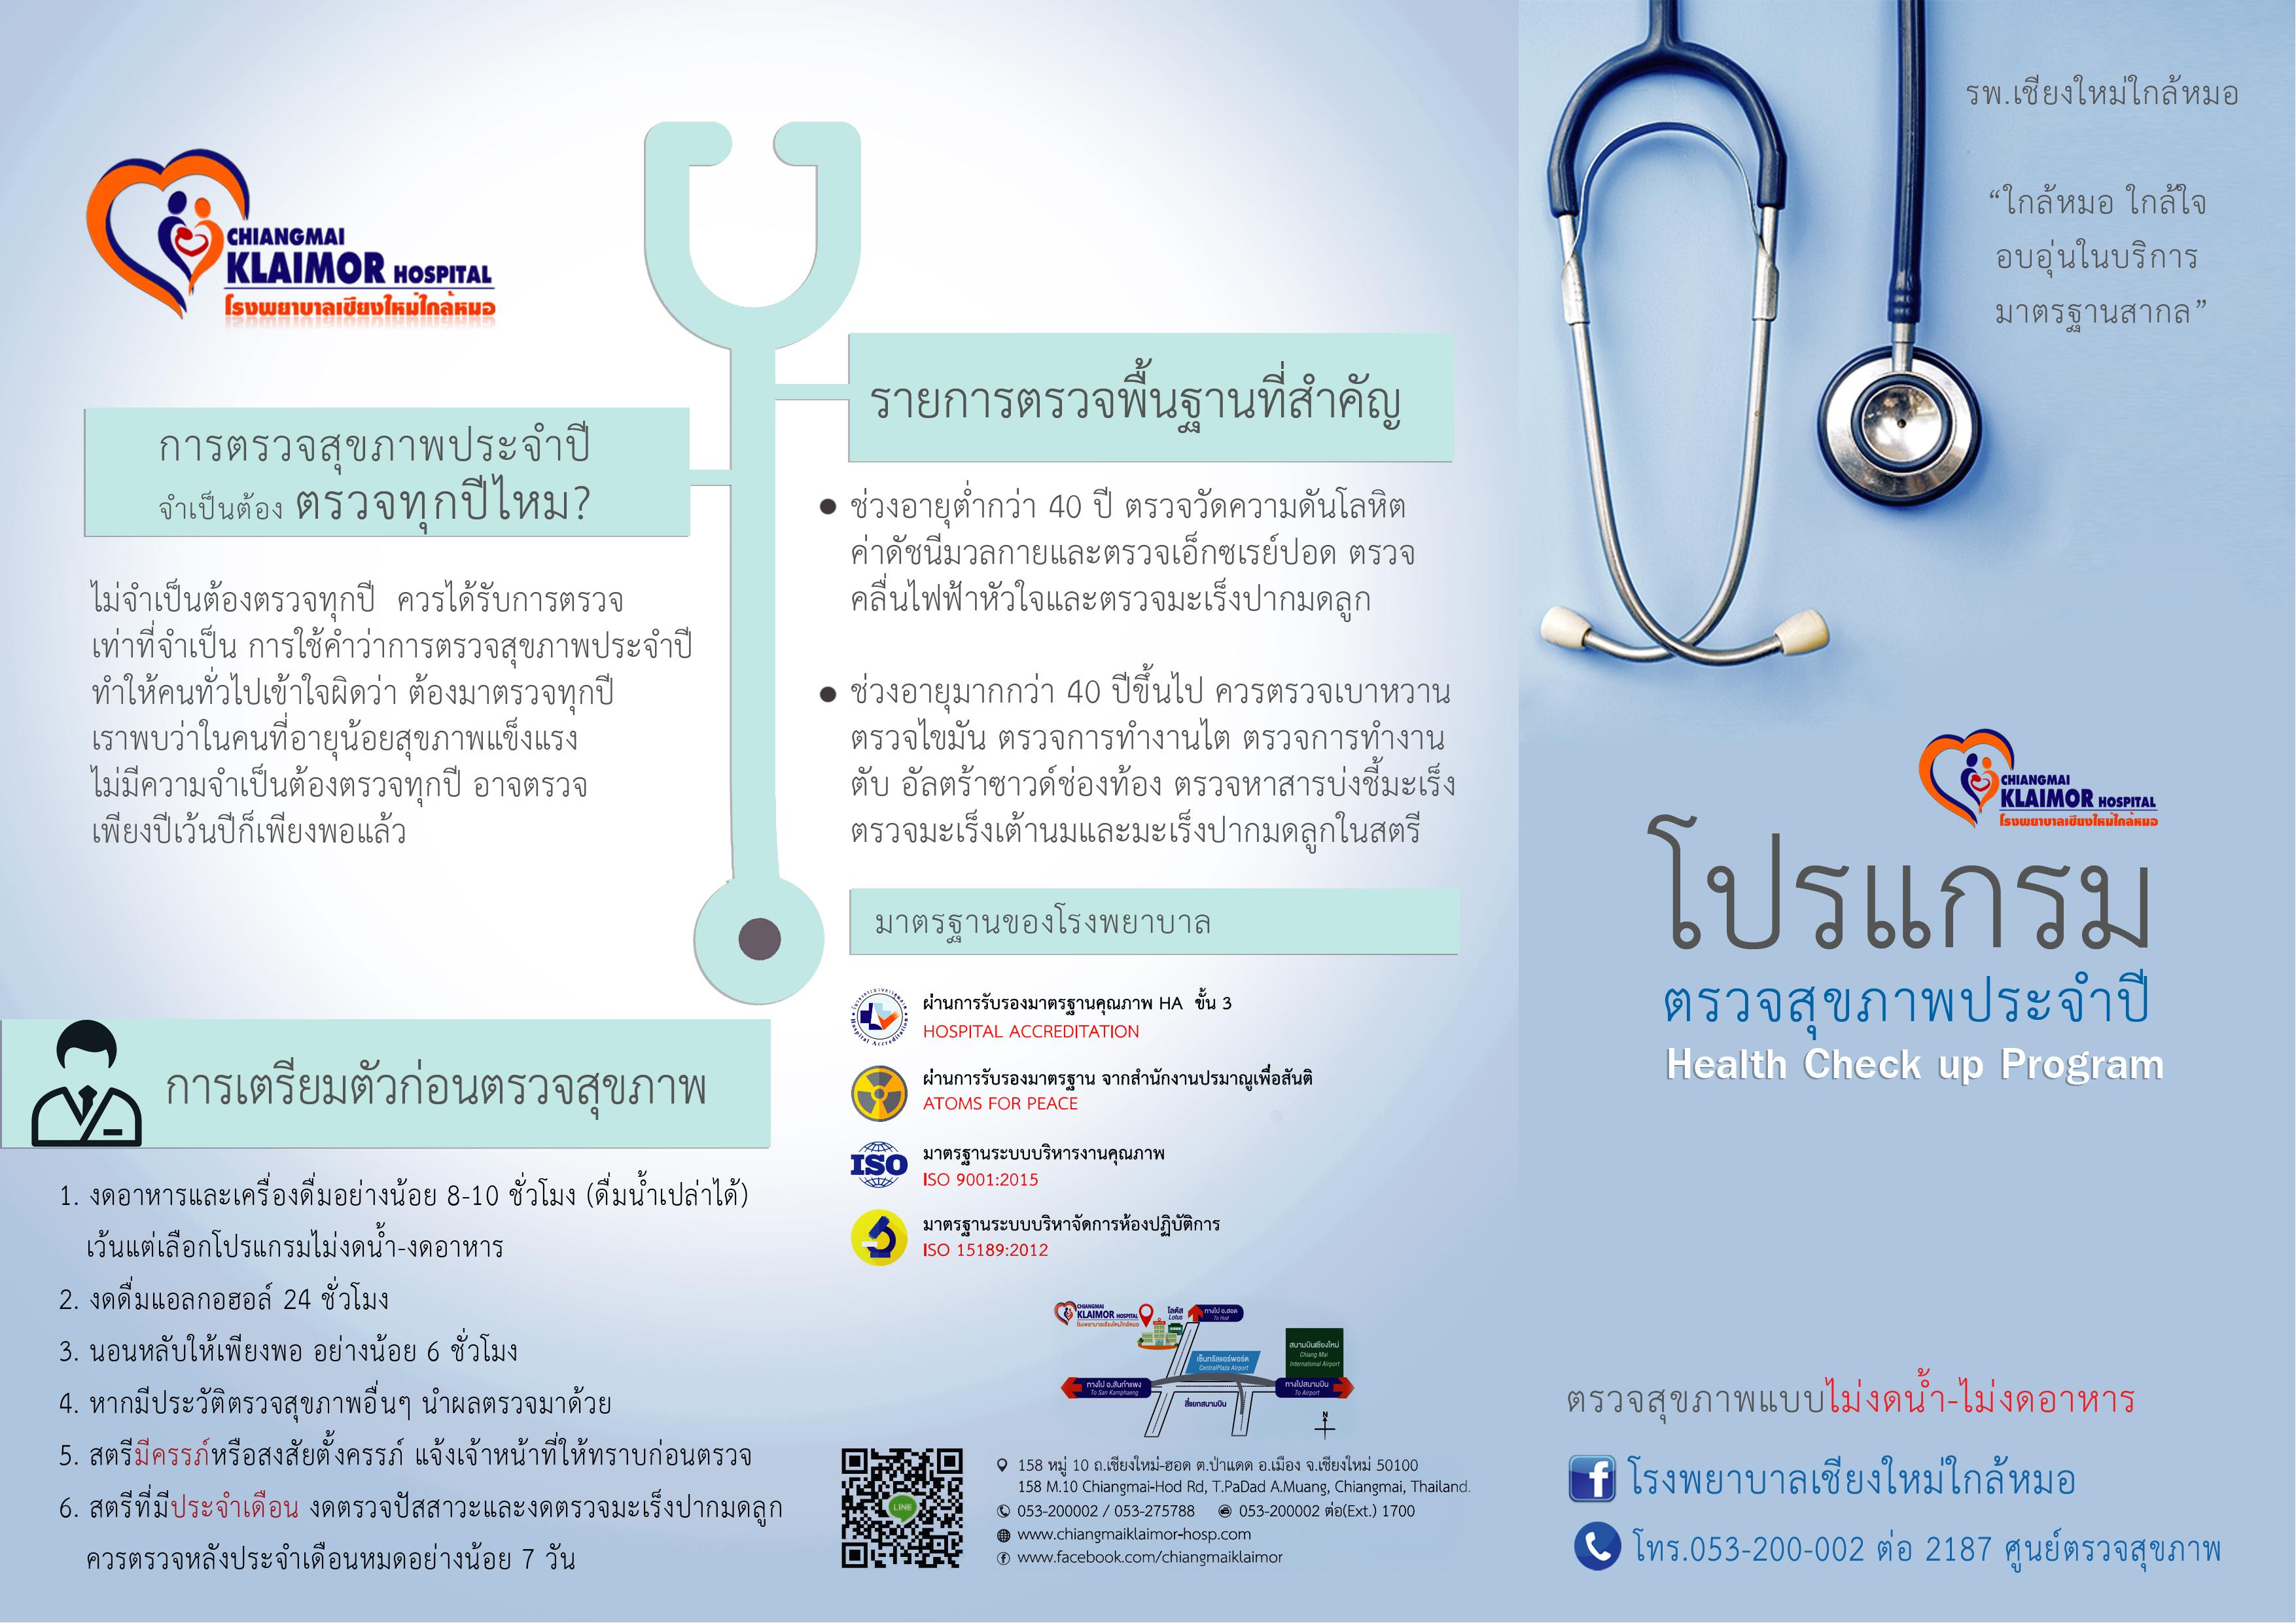 ปก-โปรแกรมตรวจสุขภาพ 1-01.jpg (2.61 MB)